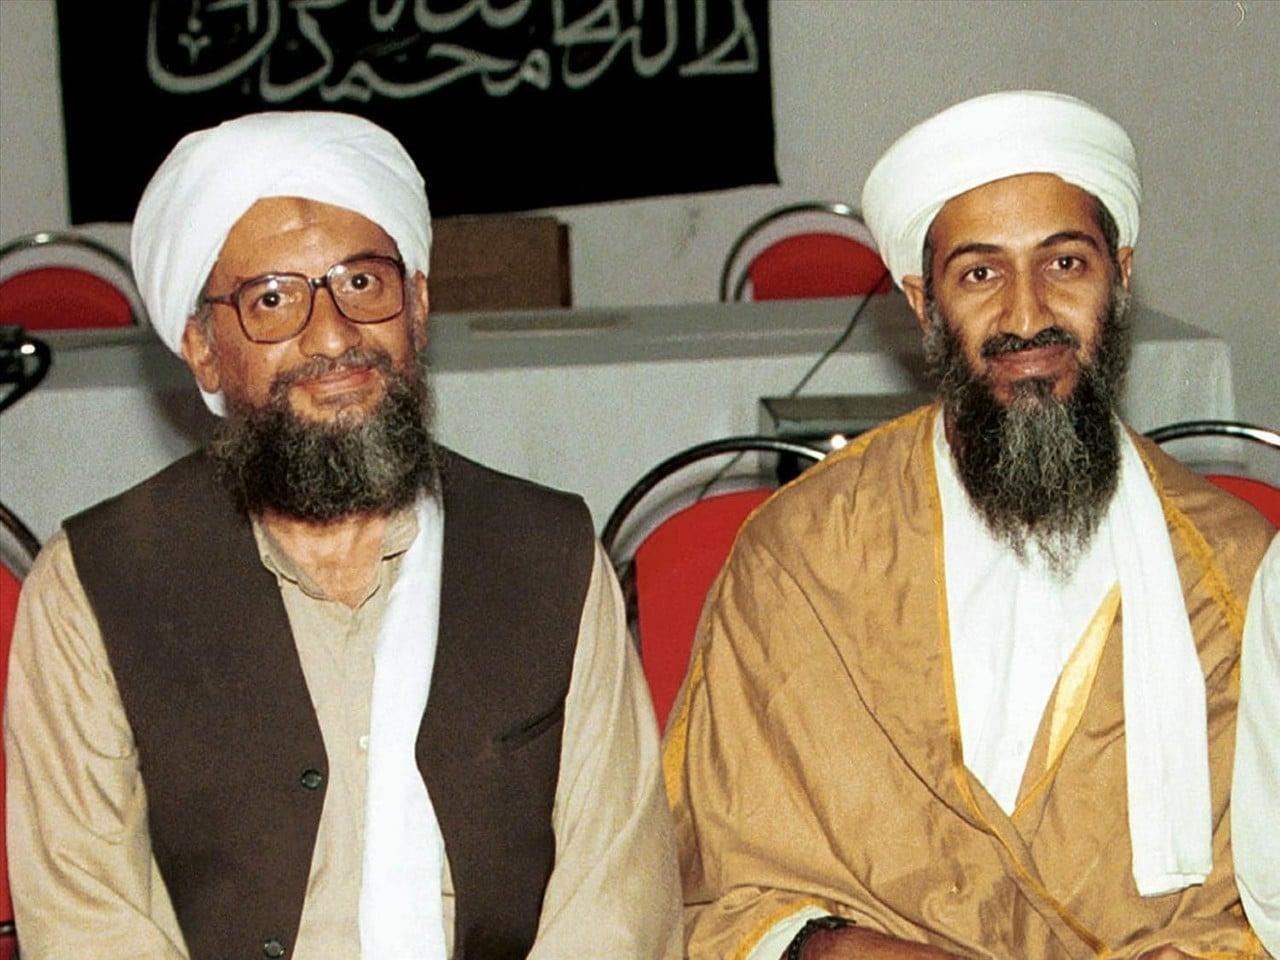 al Qaeda, Osama bin Laden, George W Bush, 11 de septiembre, atentados terroristas, collage